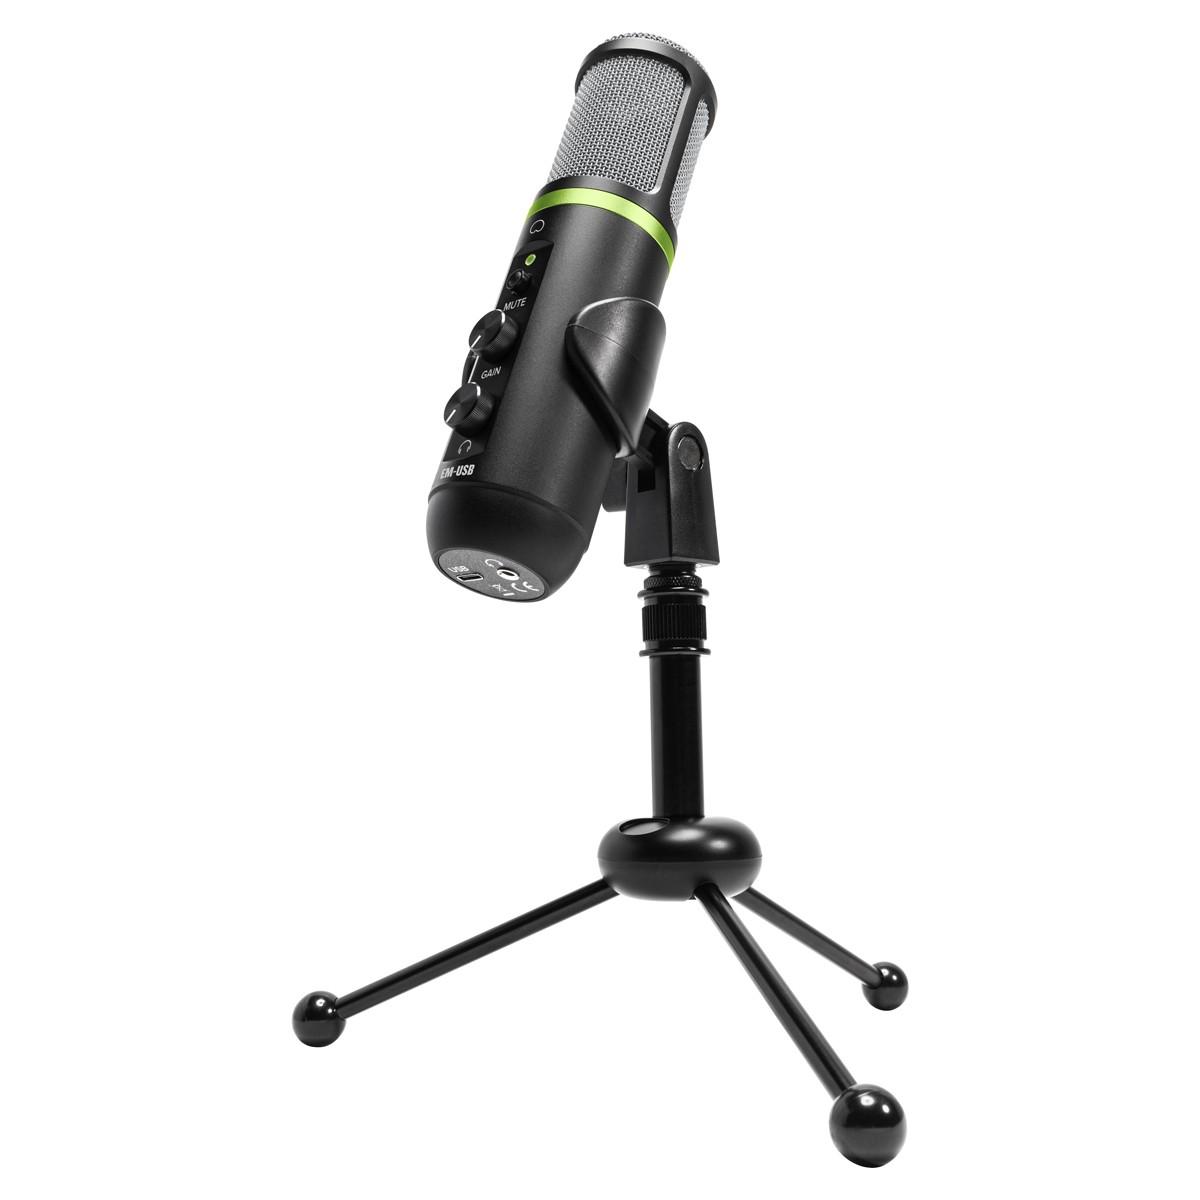 EM-USB MACKIE Microfone condensador USB p/ gravação e live